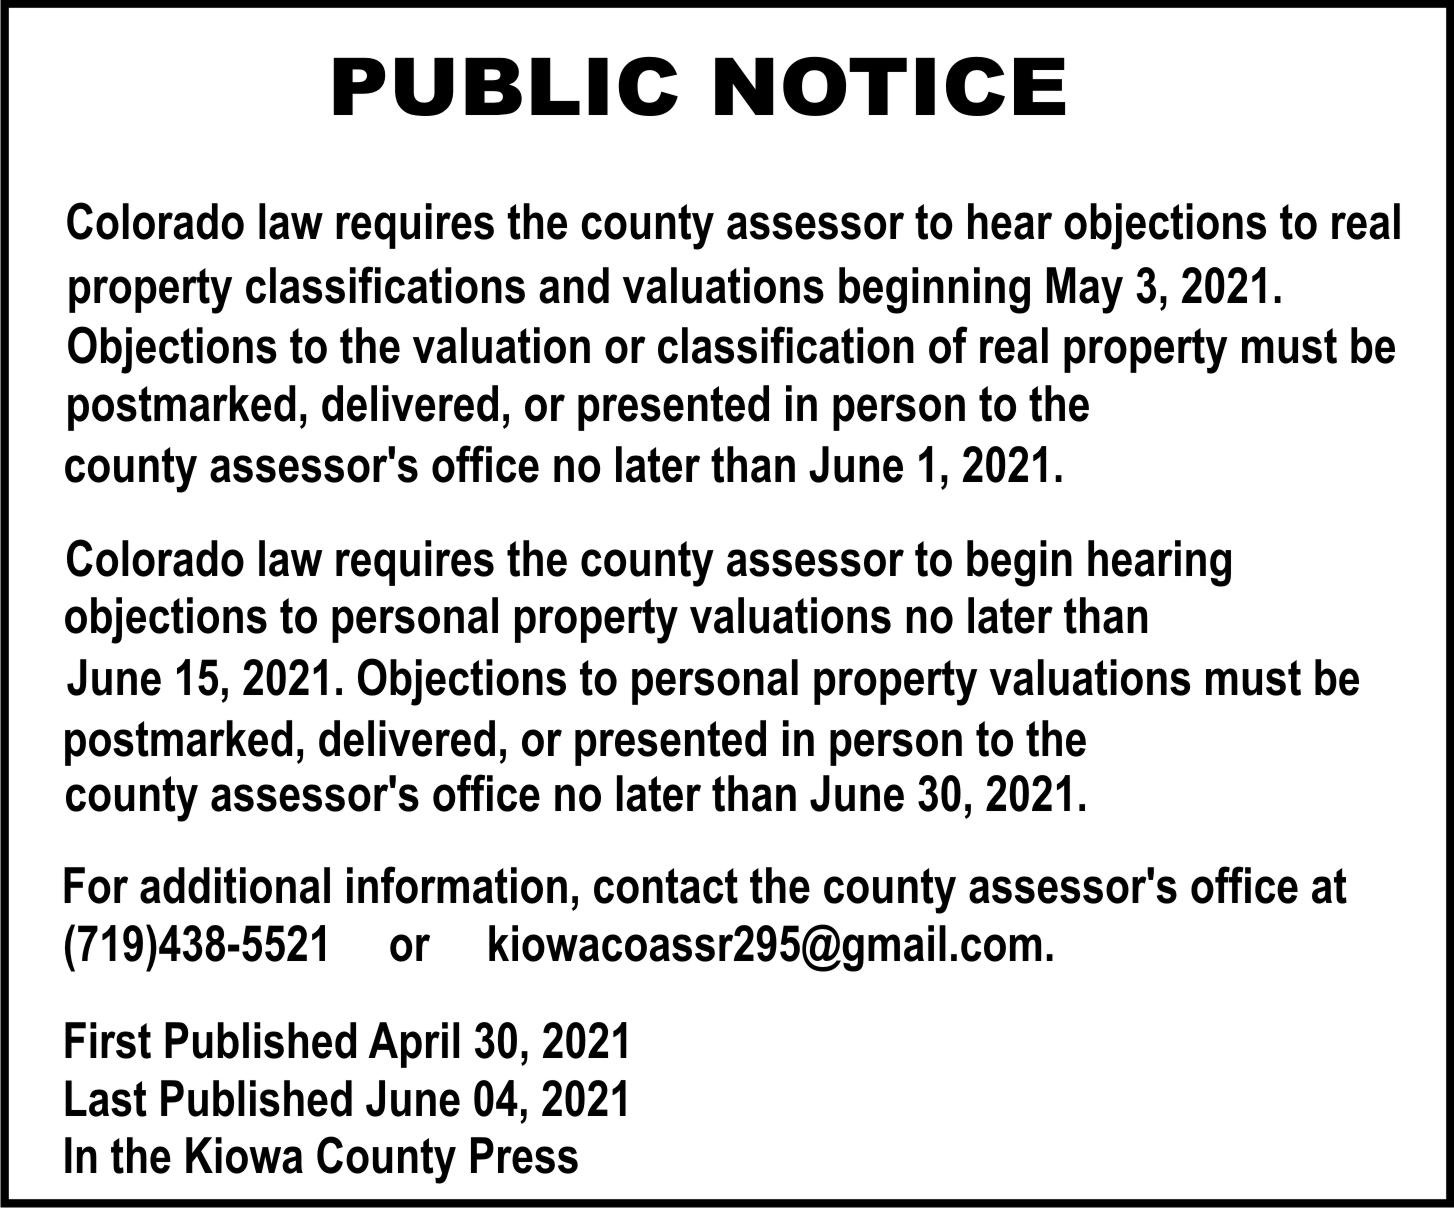 AD 2021-05 Public Notice - Kiowa County Assessor